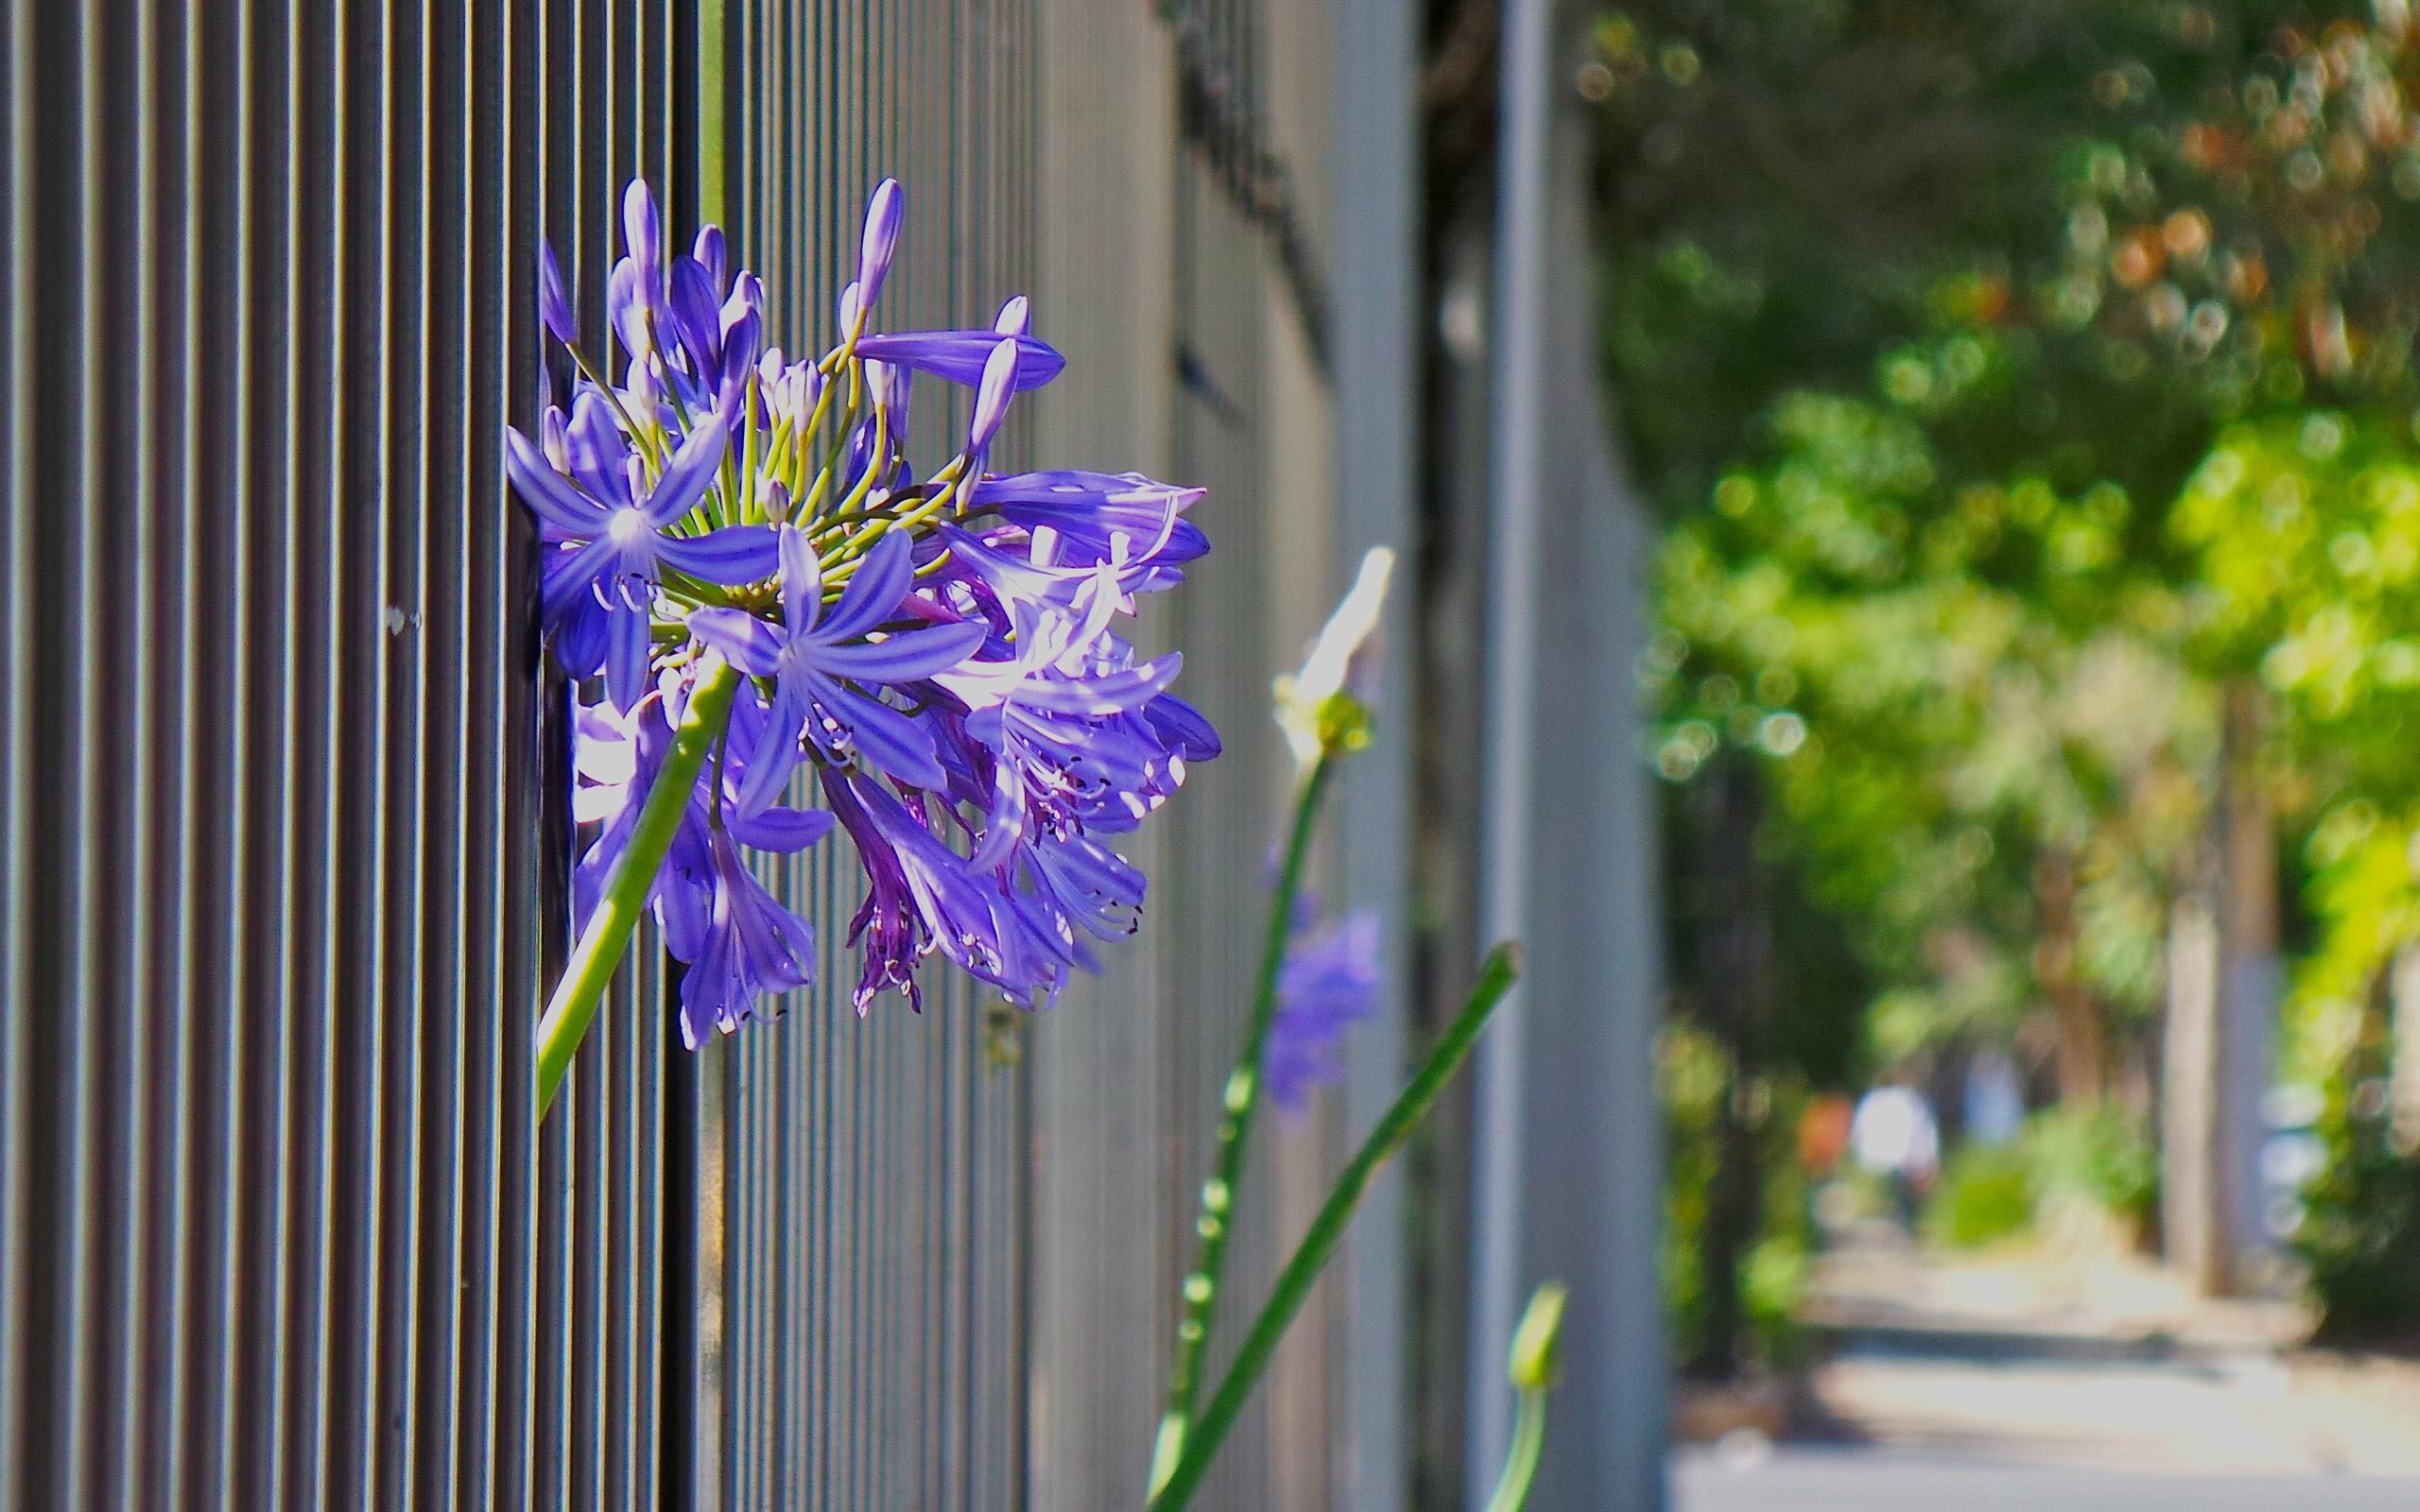 Come Recintare Un Giardino come recintare il giardino: consigli e idee